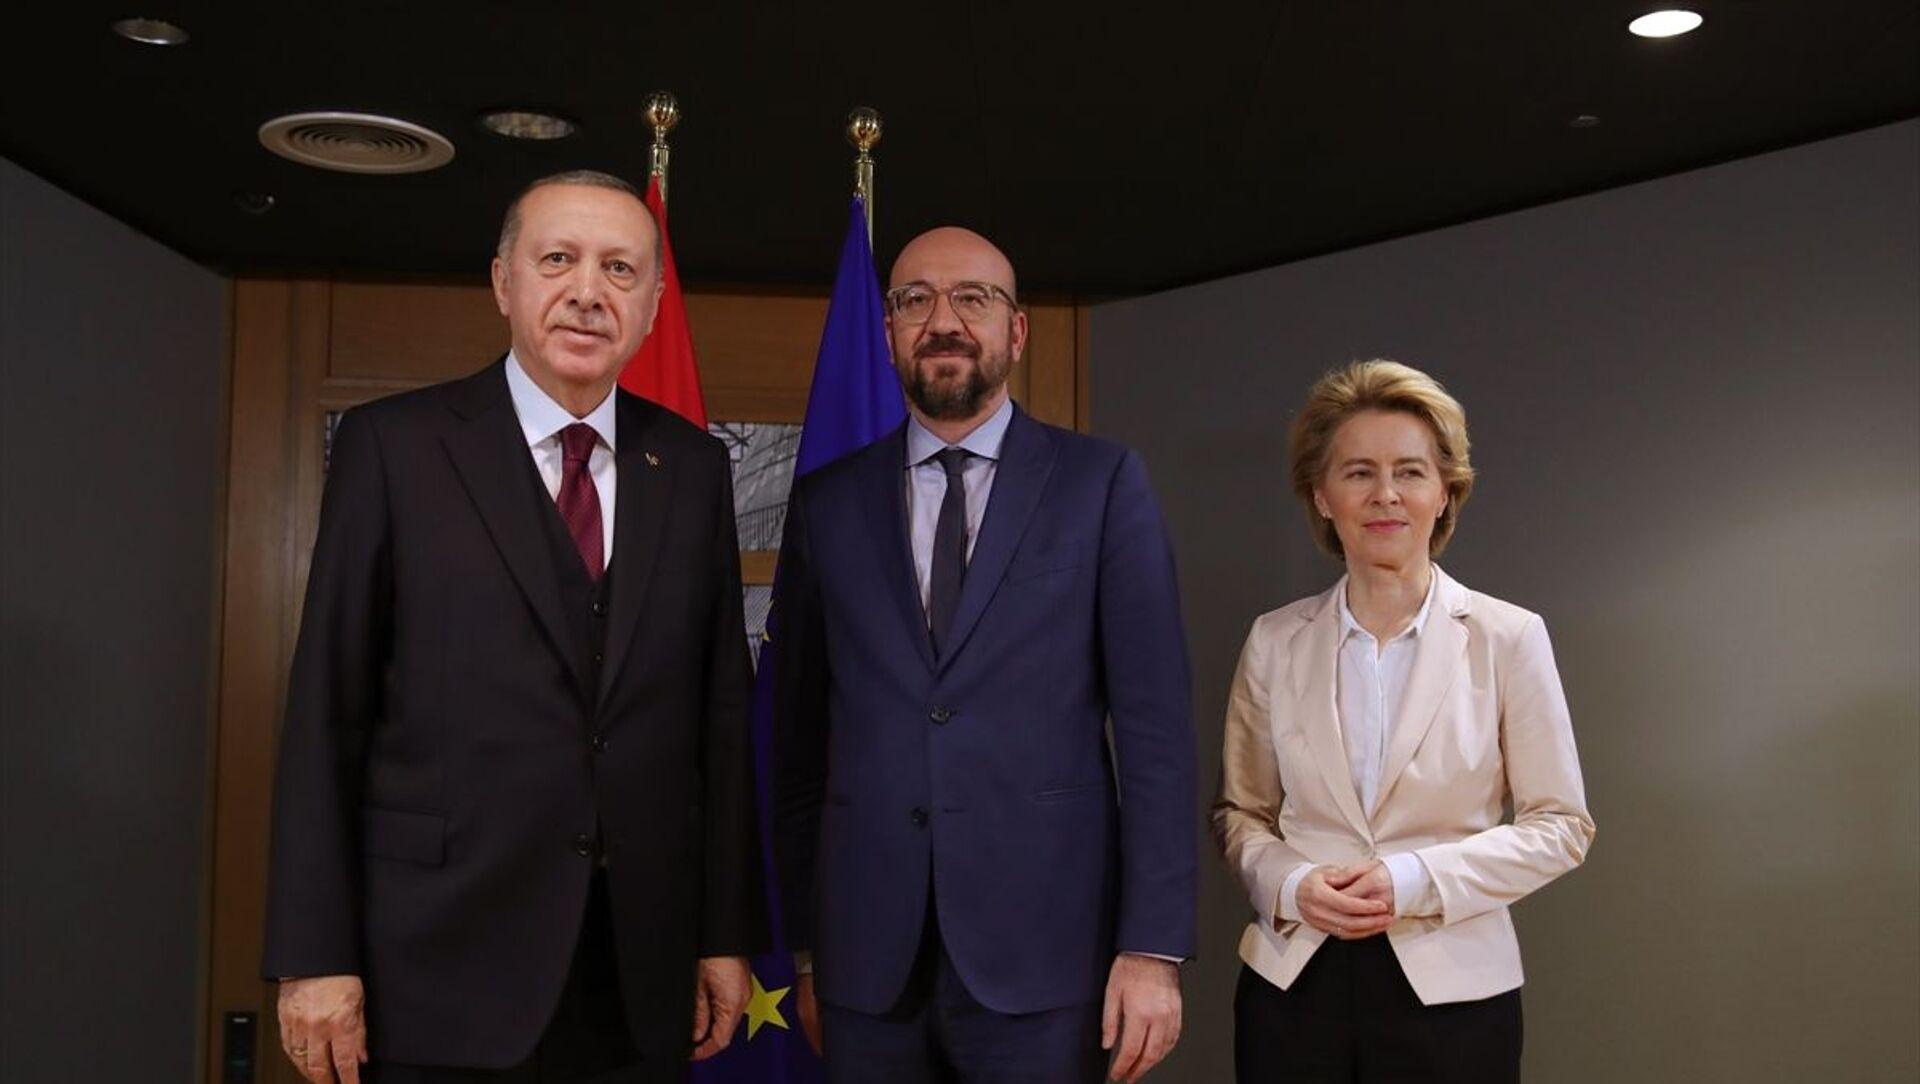 Cumhurbaşkanı Recep Tayyip Erdoğan (solda), Brüksel'de Avrupa Birliği Konseyi Başkanı Charles Michel (sağda) ve AB Komisyonu Başkanı Ursula von der Leyen  - Sputnik Türkiye, 1920, 06.04.2021